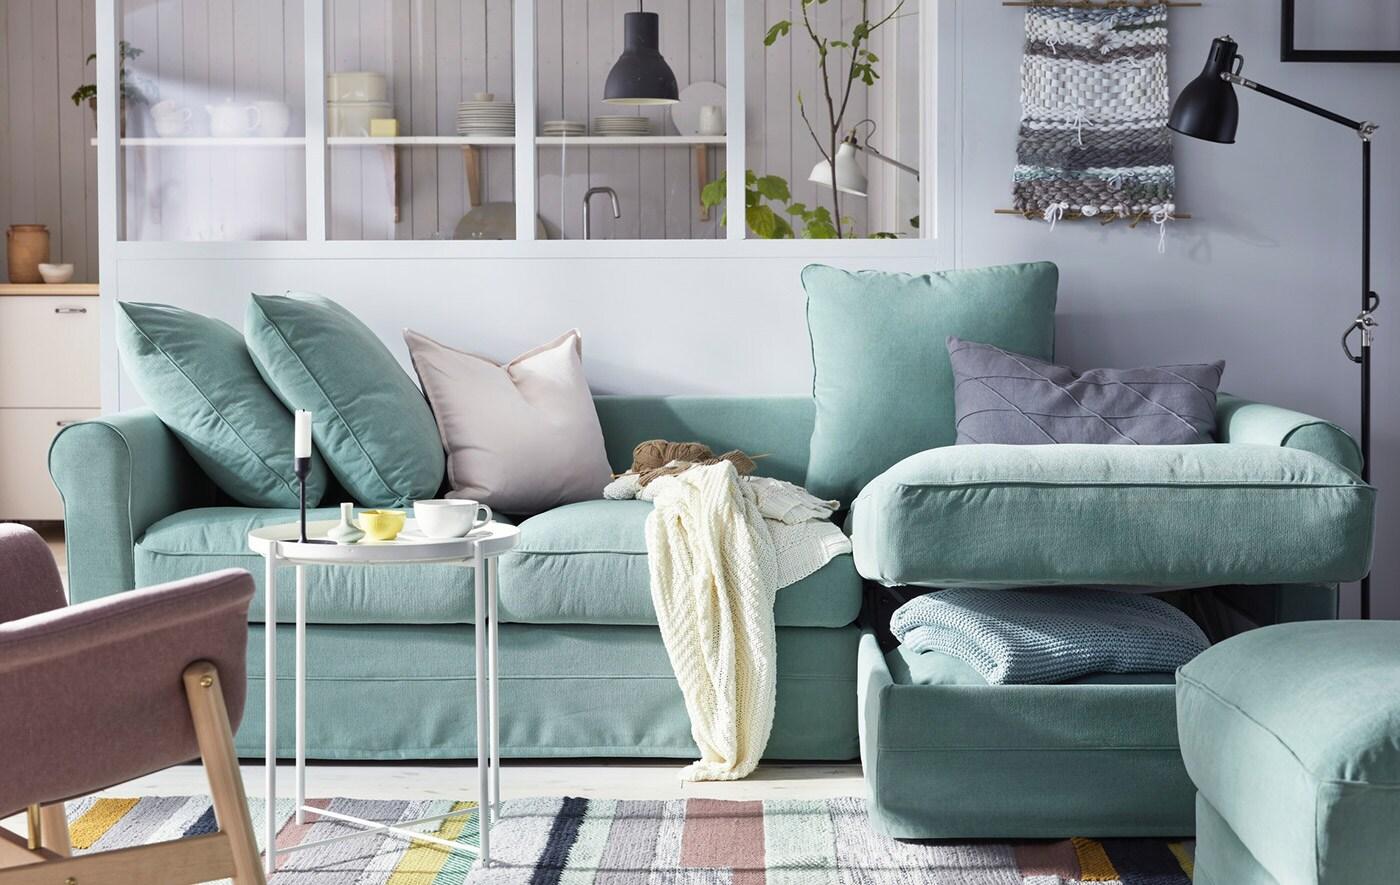 Stor U-formet sofa i et rum med synlige bjælker.